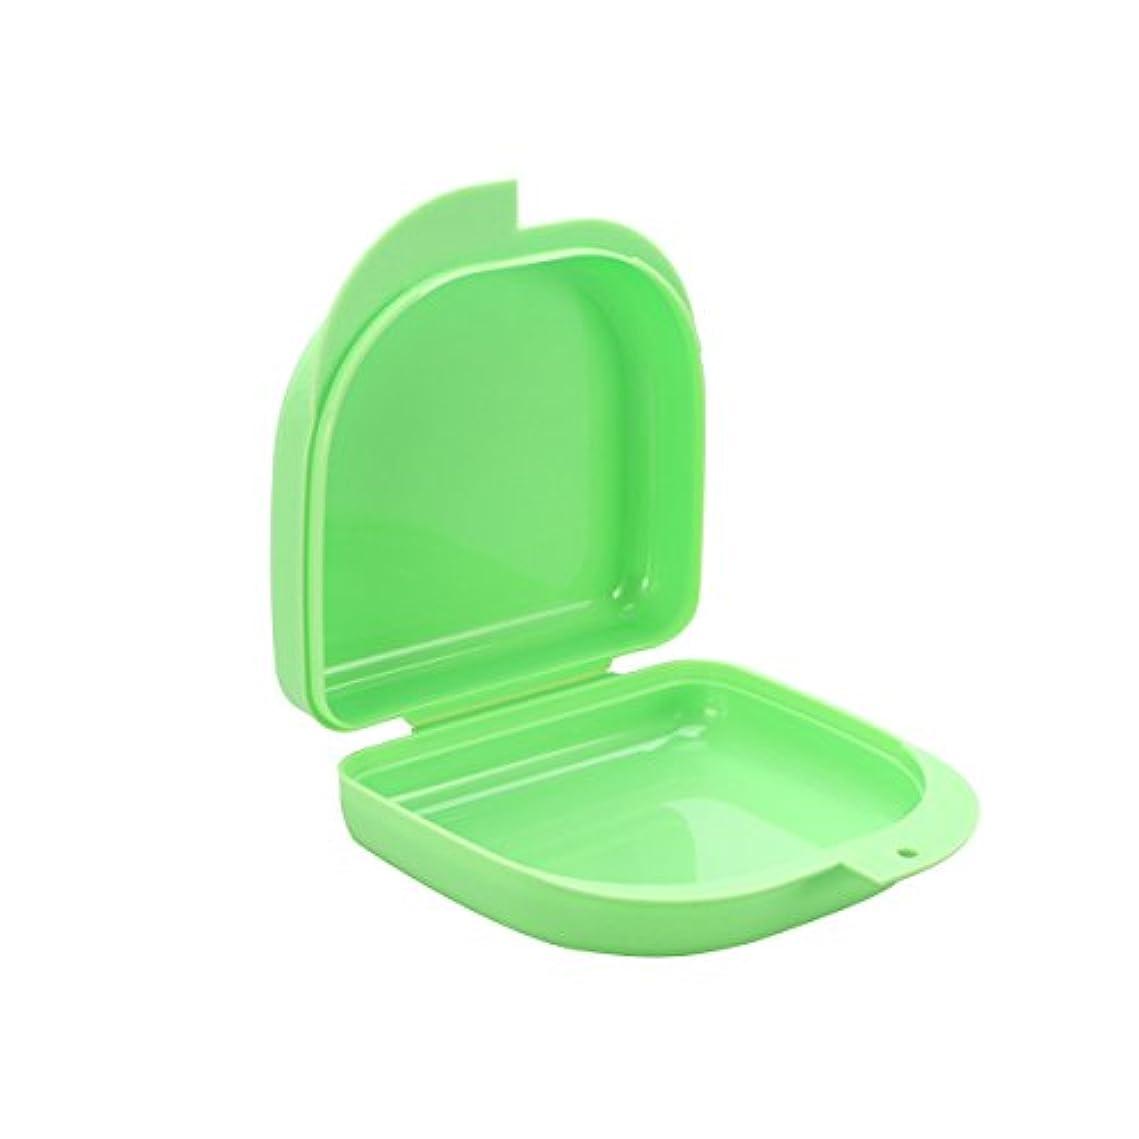 贅沢なトロリーリーダーシップROSENICE 義歯ケース口ガードケース義歯ボックス義歯収納容器(緑)